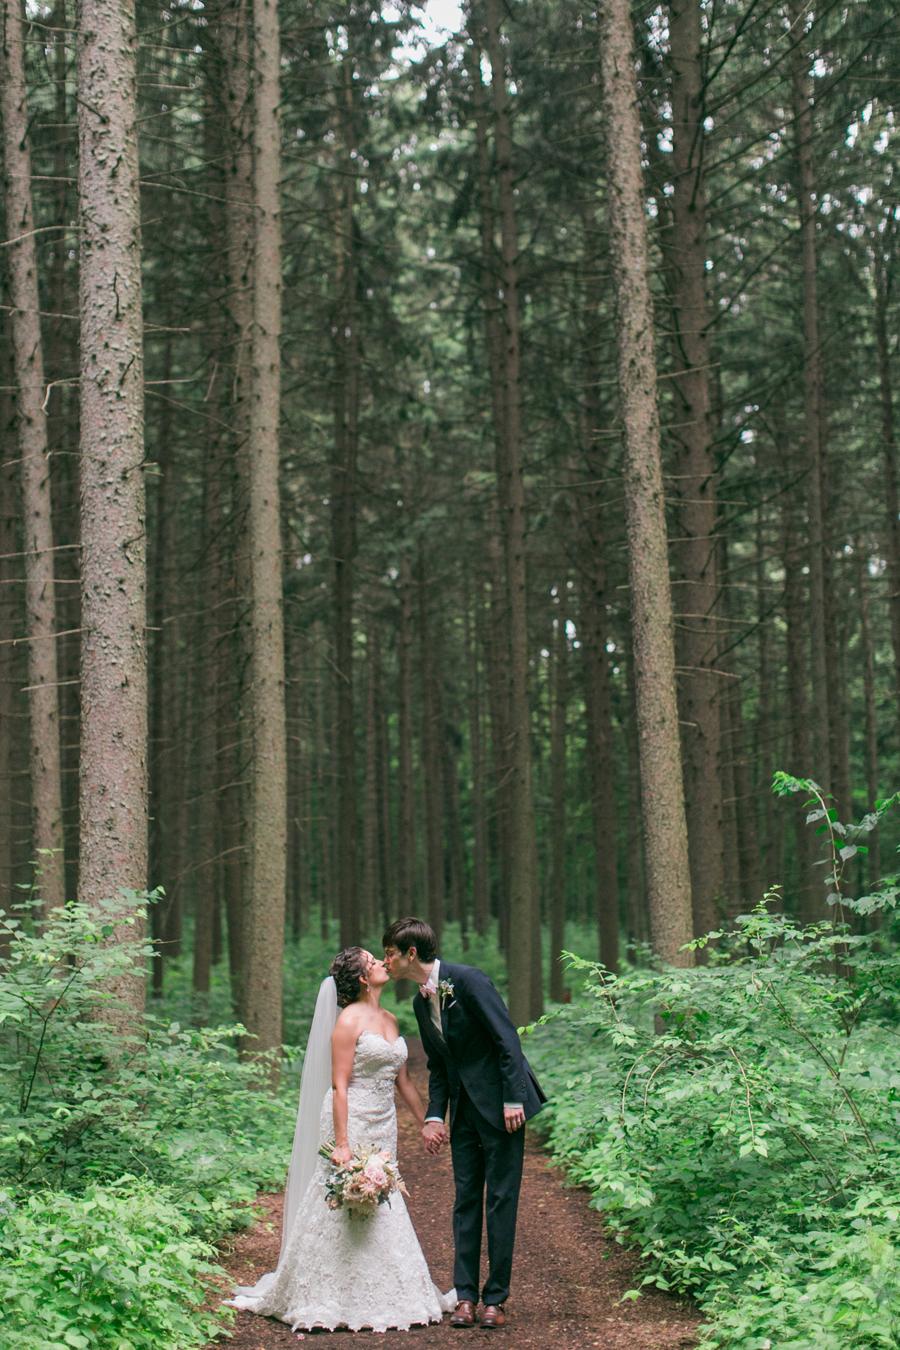 morton-arboretum-wedding-photo-007